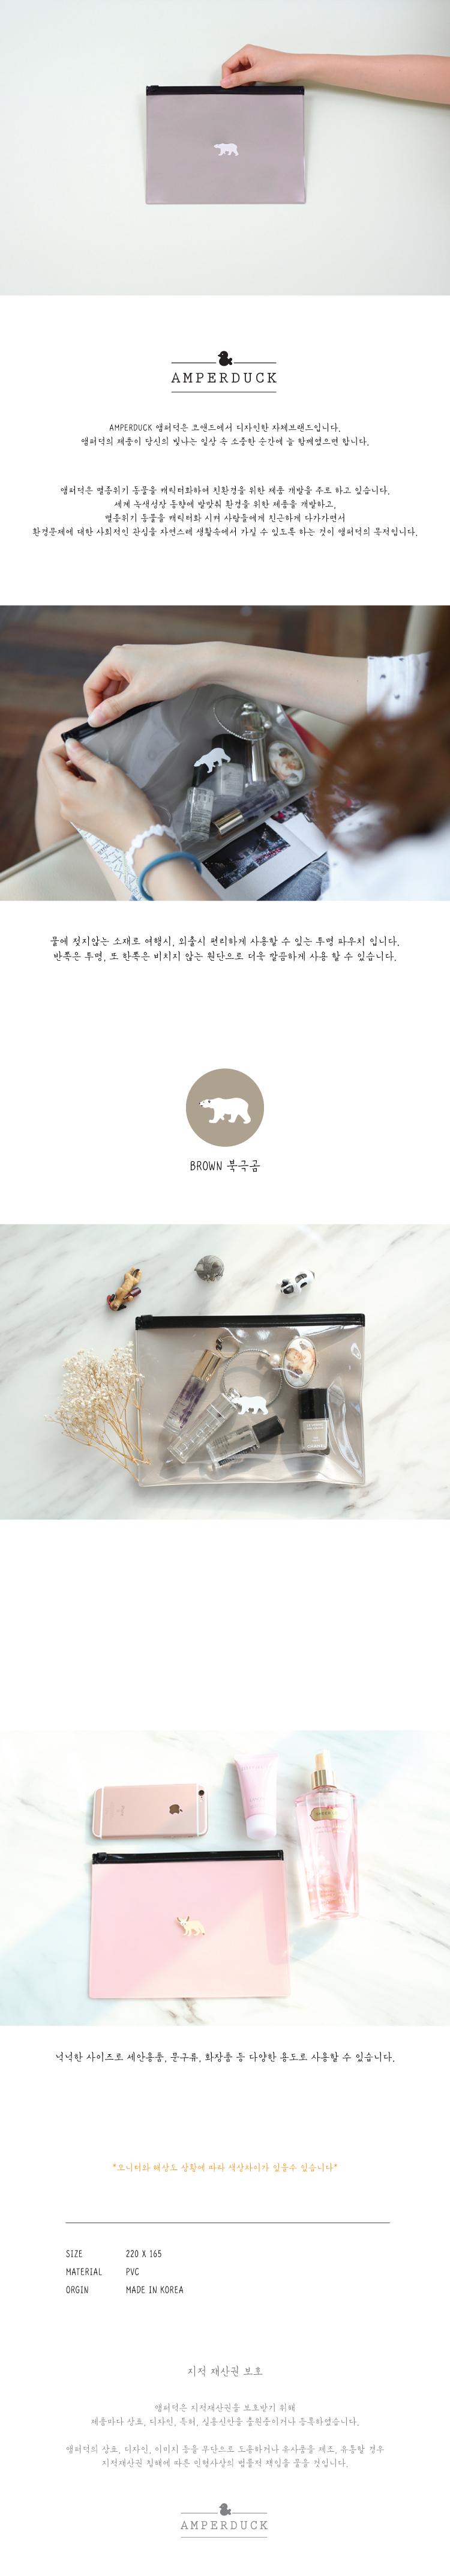 멸종위기동물 파우치 - BROWN - 앰퍼덕, 4,900원, 다용도파우치, 지퍼형